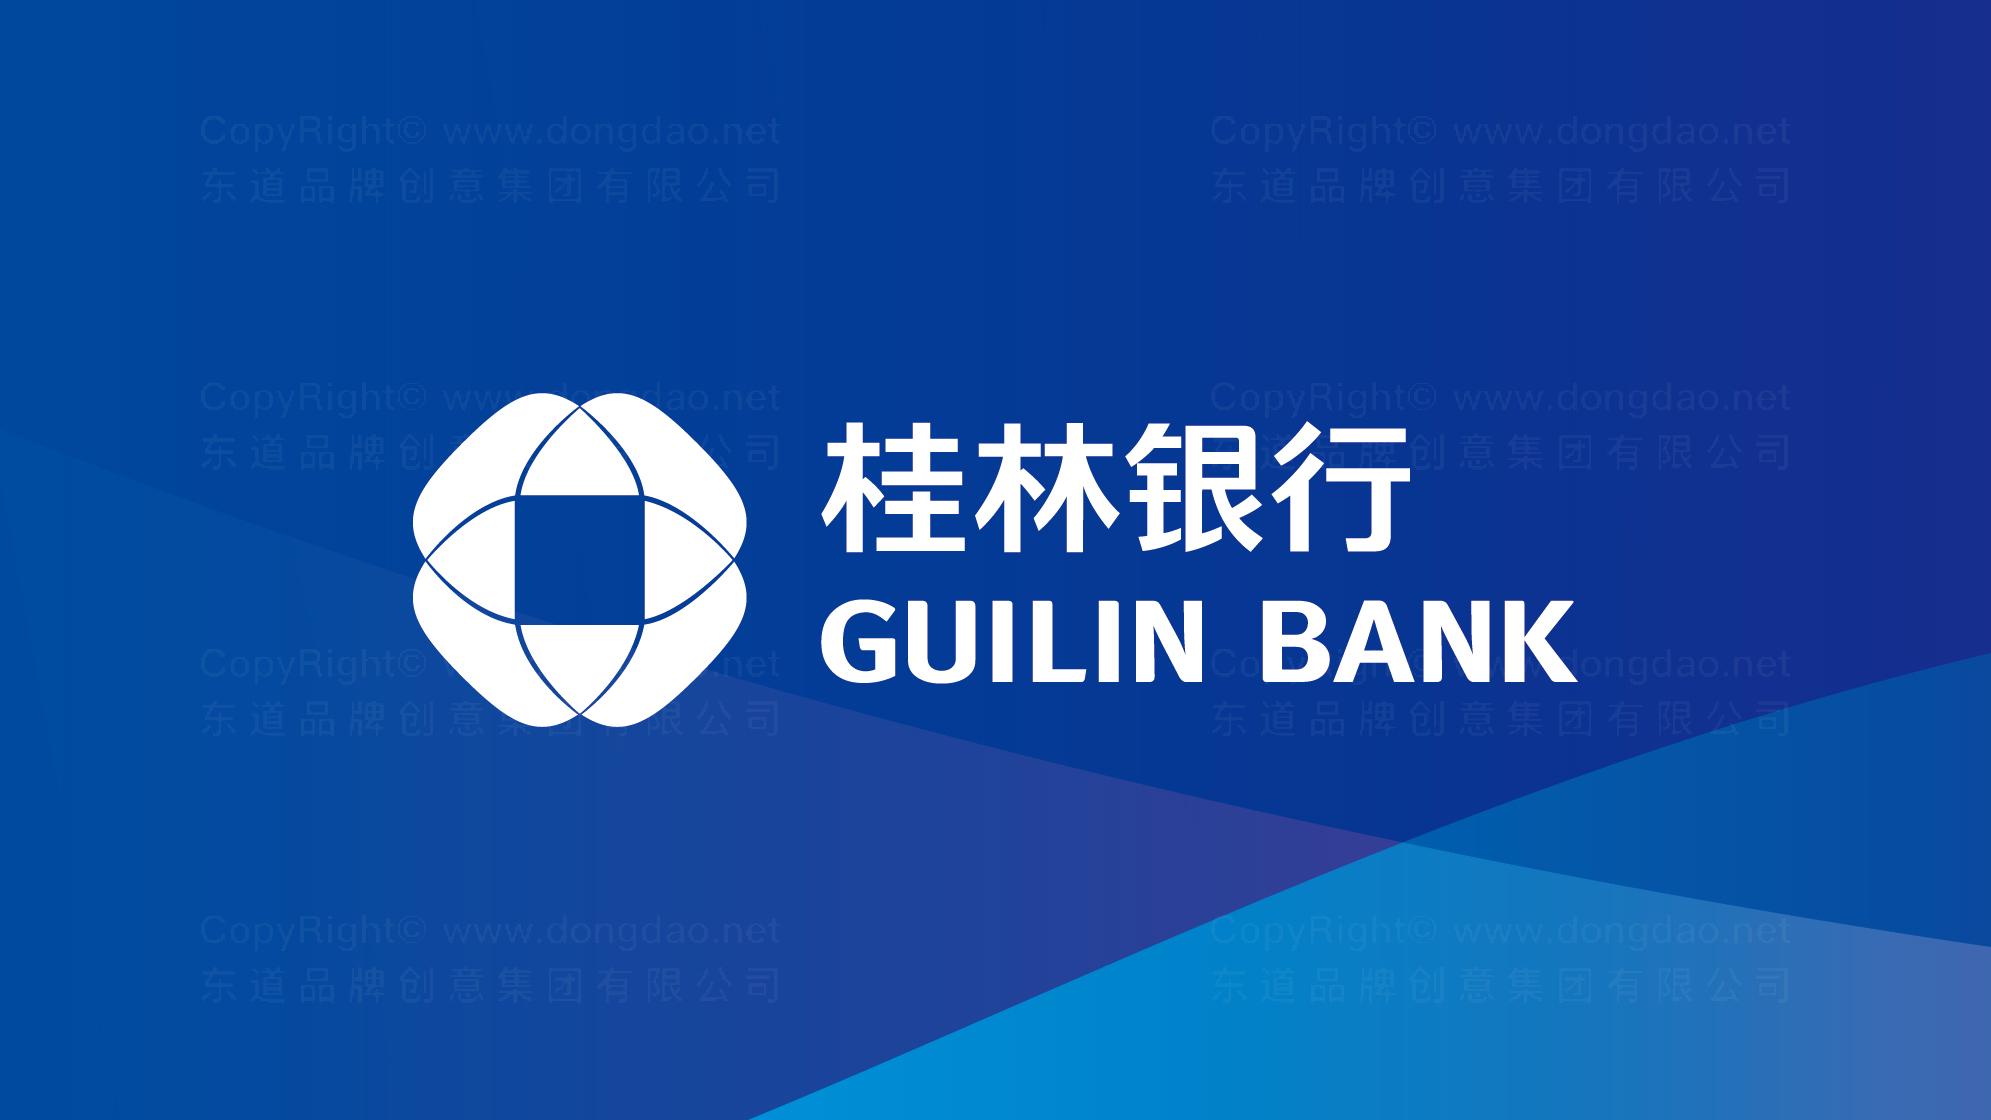 银行金融品牌设计桂林银行LOGO&VI设计